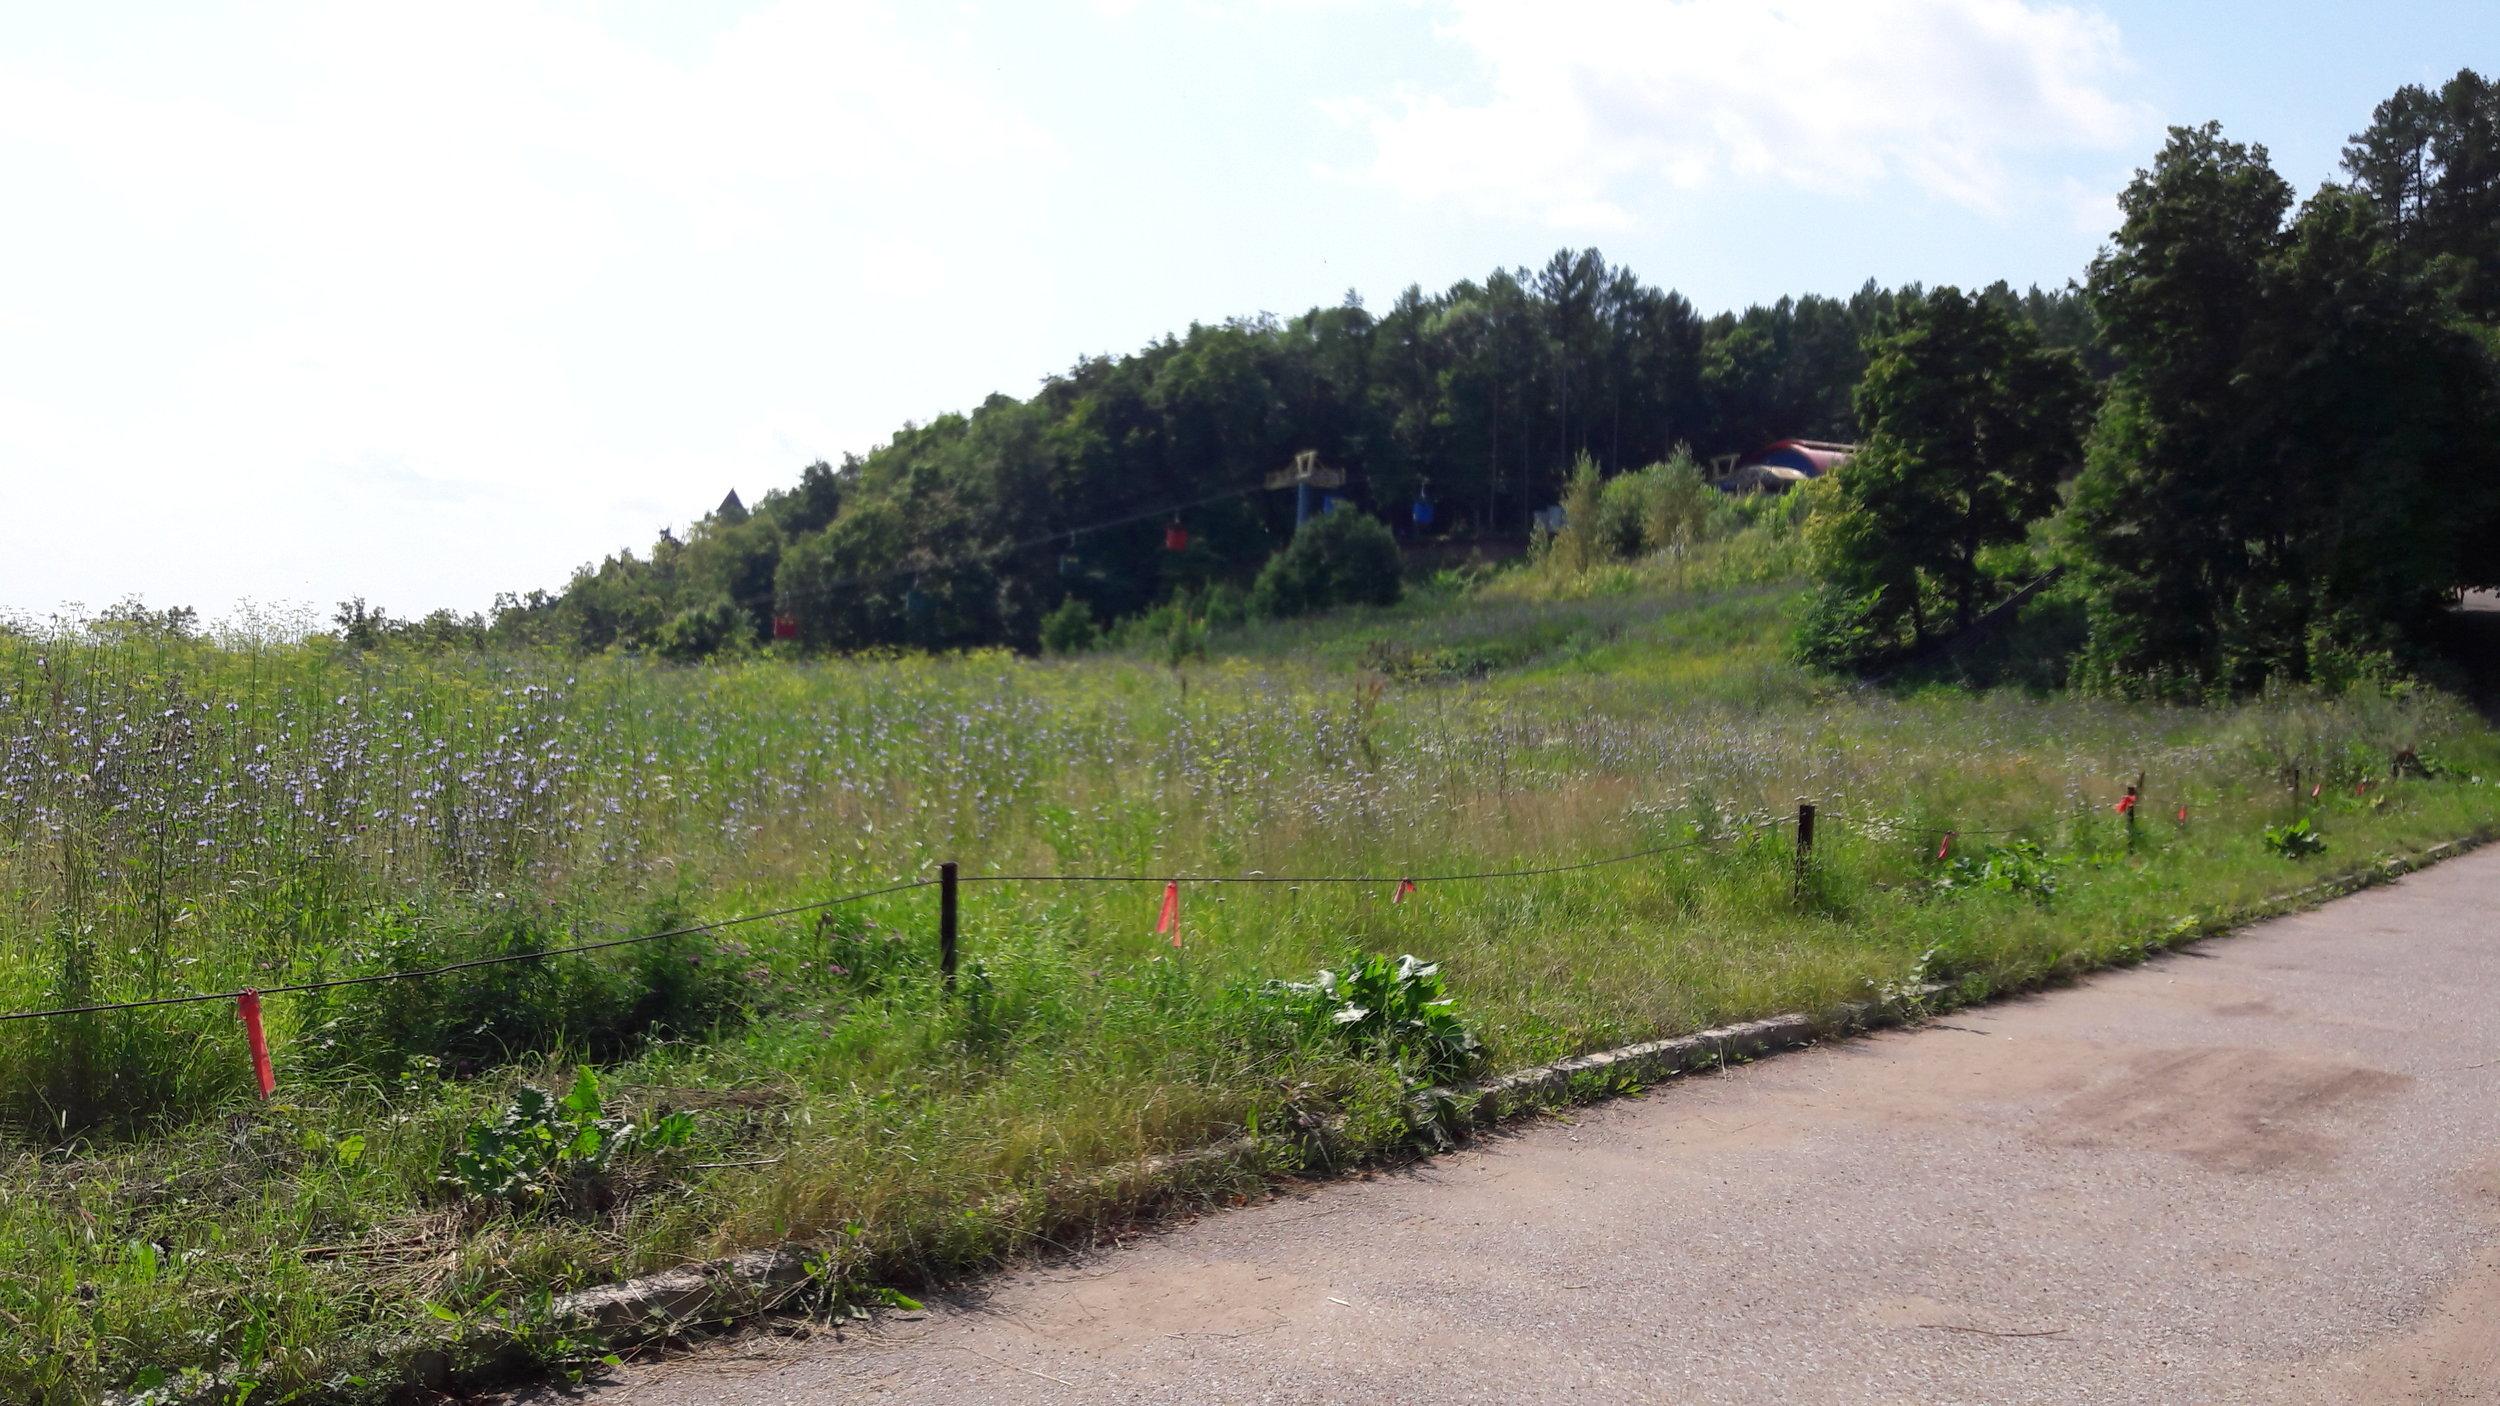 Pohled ve směru od provozní budovy sportovního areálu k horní stanici lanové dráhy. Loni snesený skokanský můstek byl někde u levého okraje snímku, přibližně uprostřed.